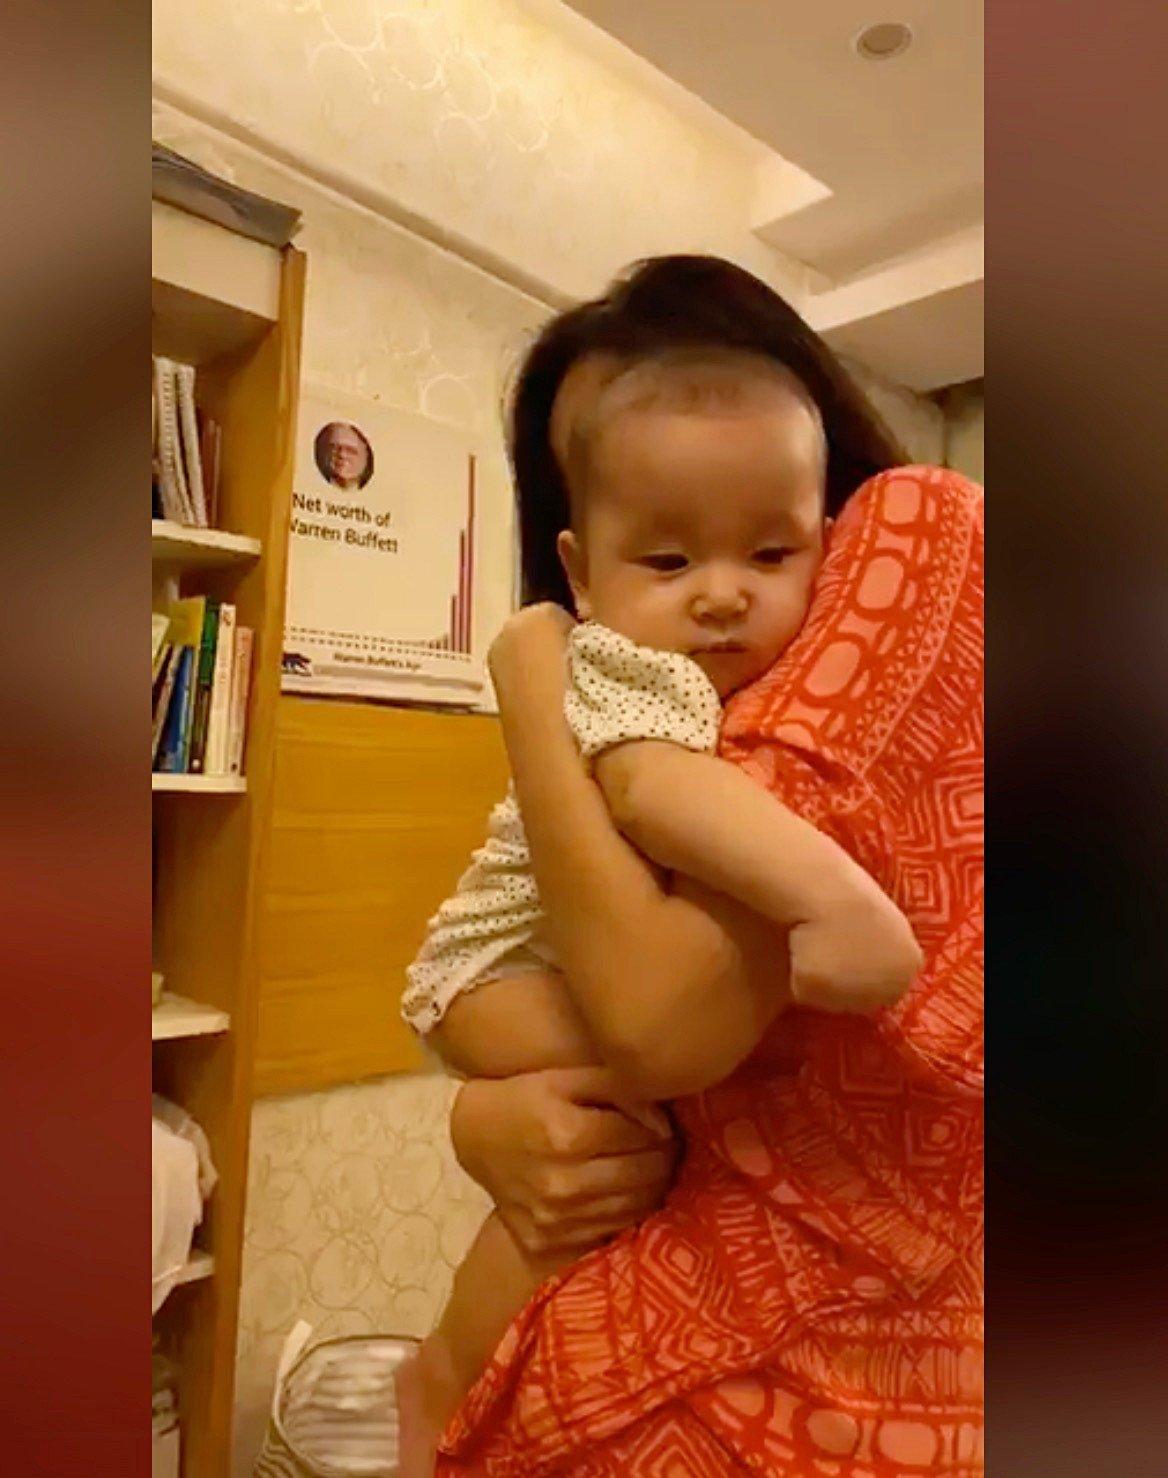 Bé gái 7 tháng tuổi khiến HH Mai Phương Thuý cũng lu mờ, 30 phút hút nghìn người hâm mộ - Ảnh 3